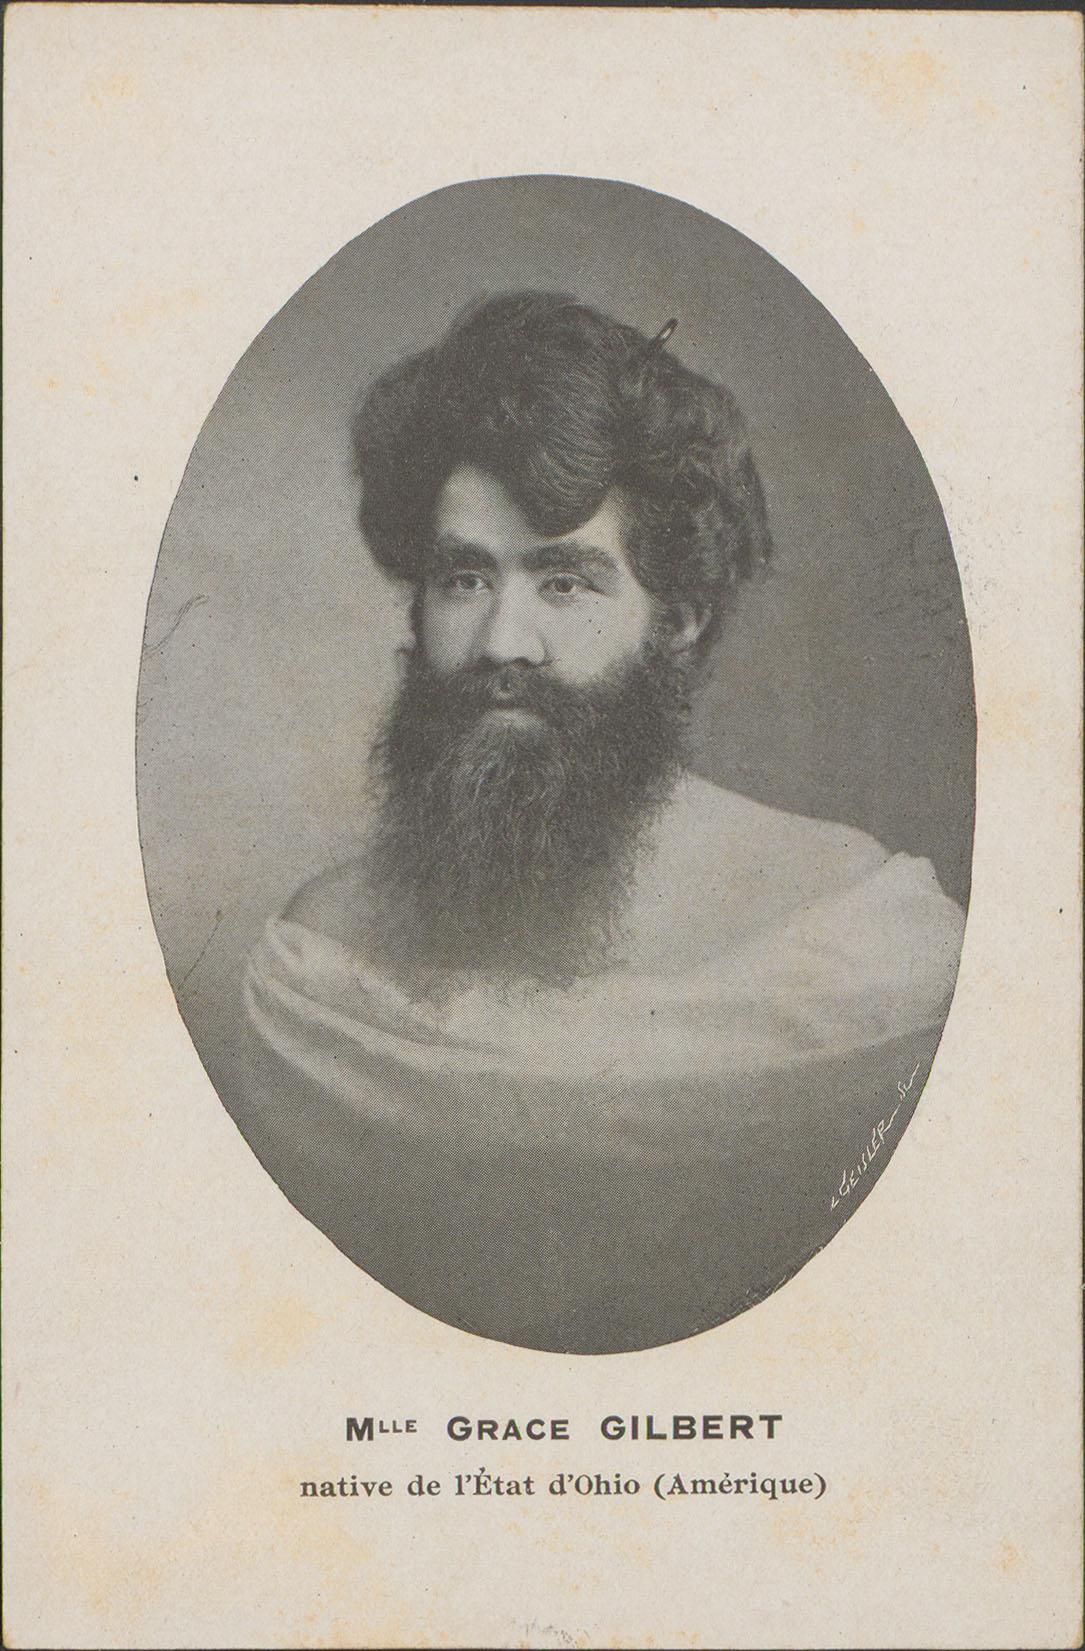 Contenu du Mlle Grace Gilbert native de l'Etat d'Ohio (Amérique)